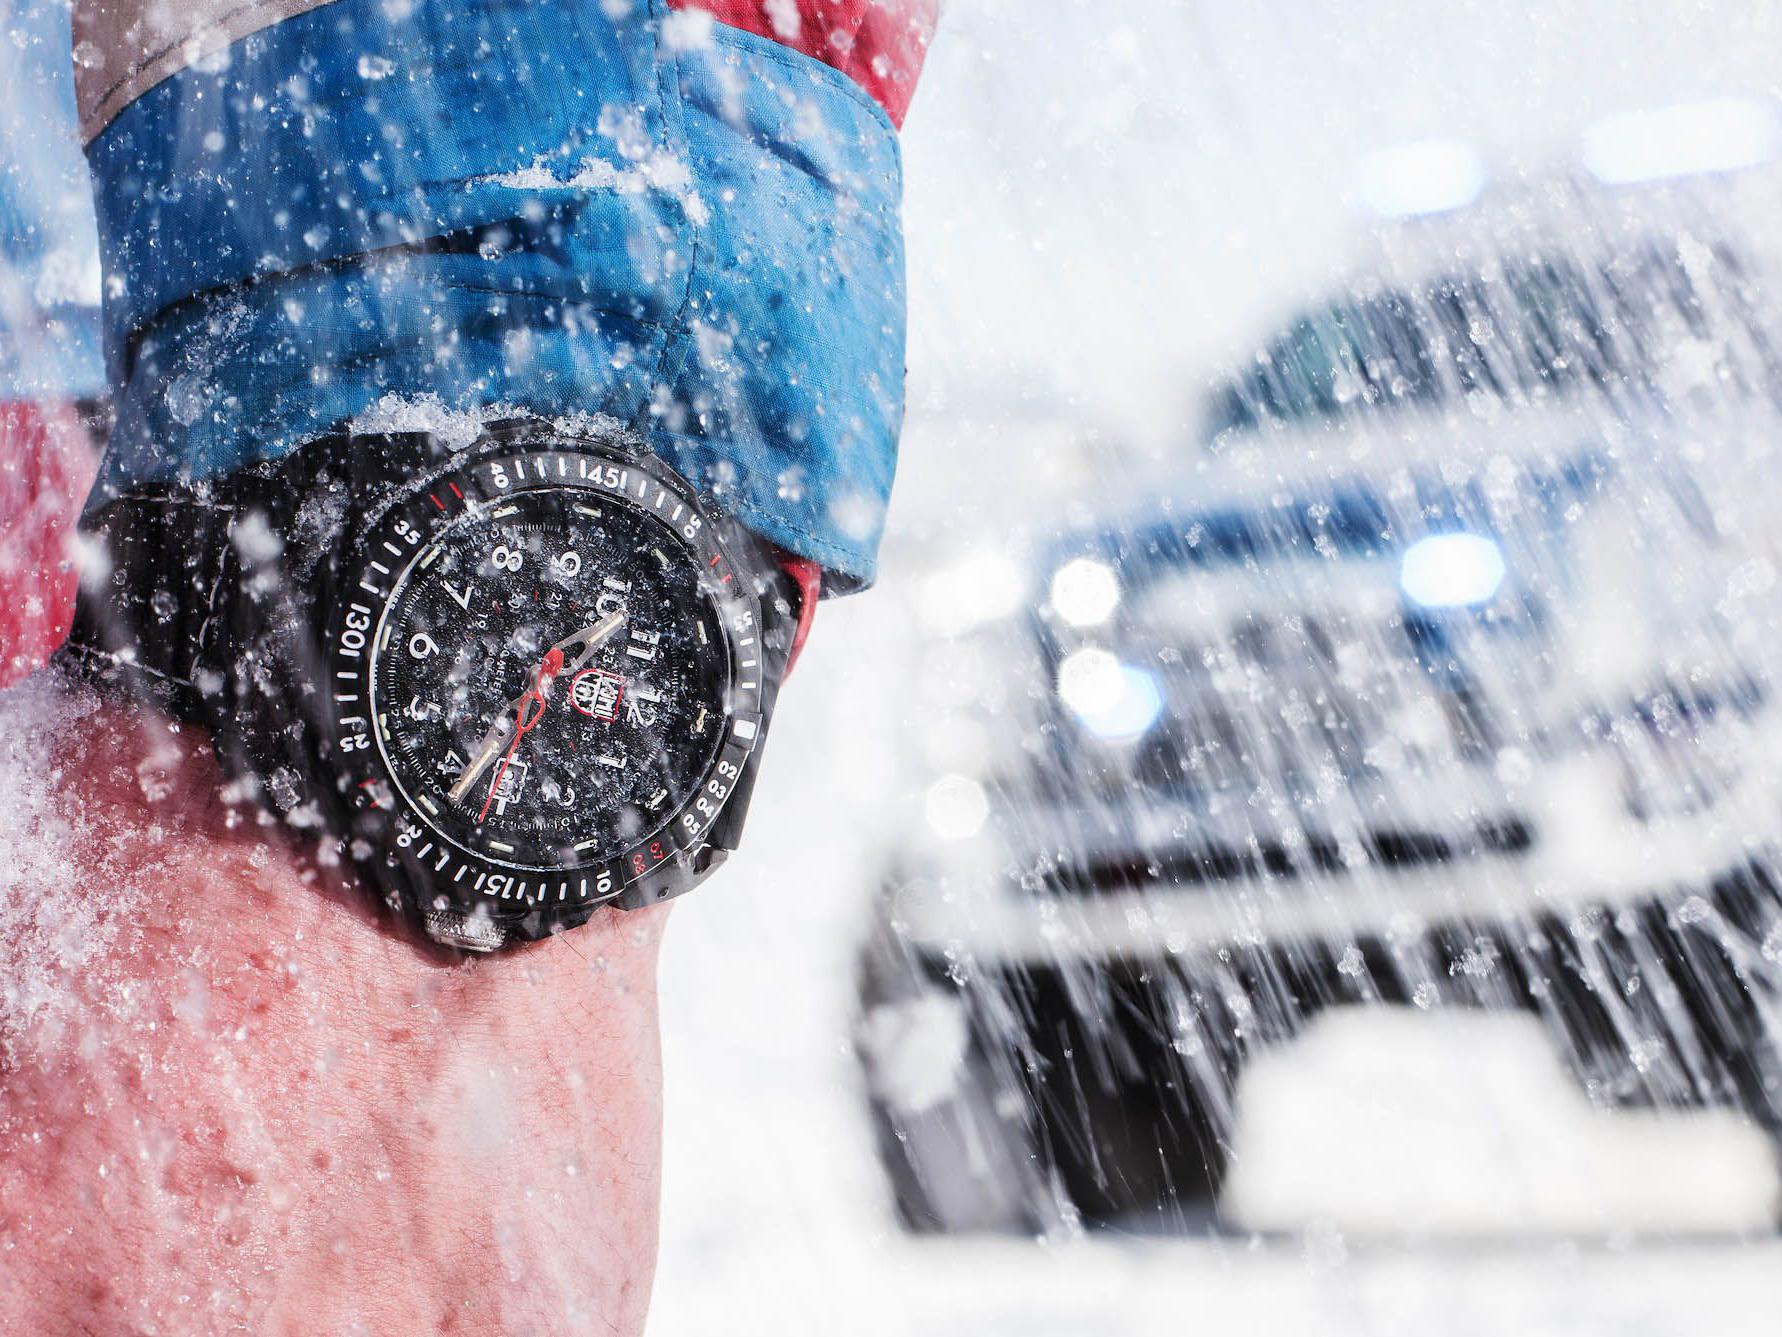 Nejvhodnější hodinky na zimní sporty